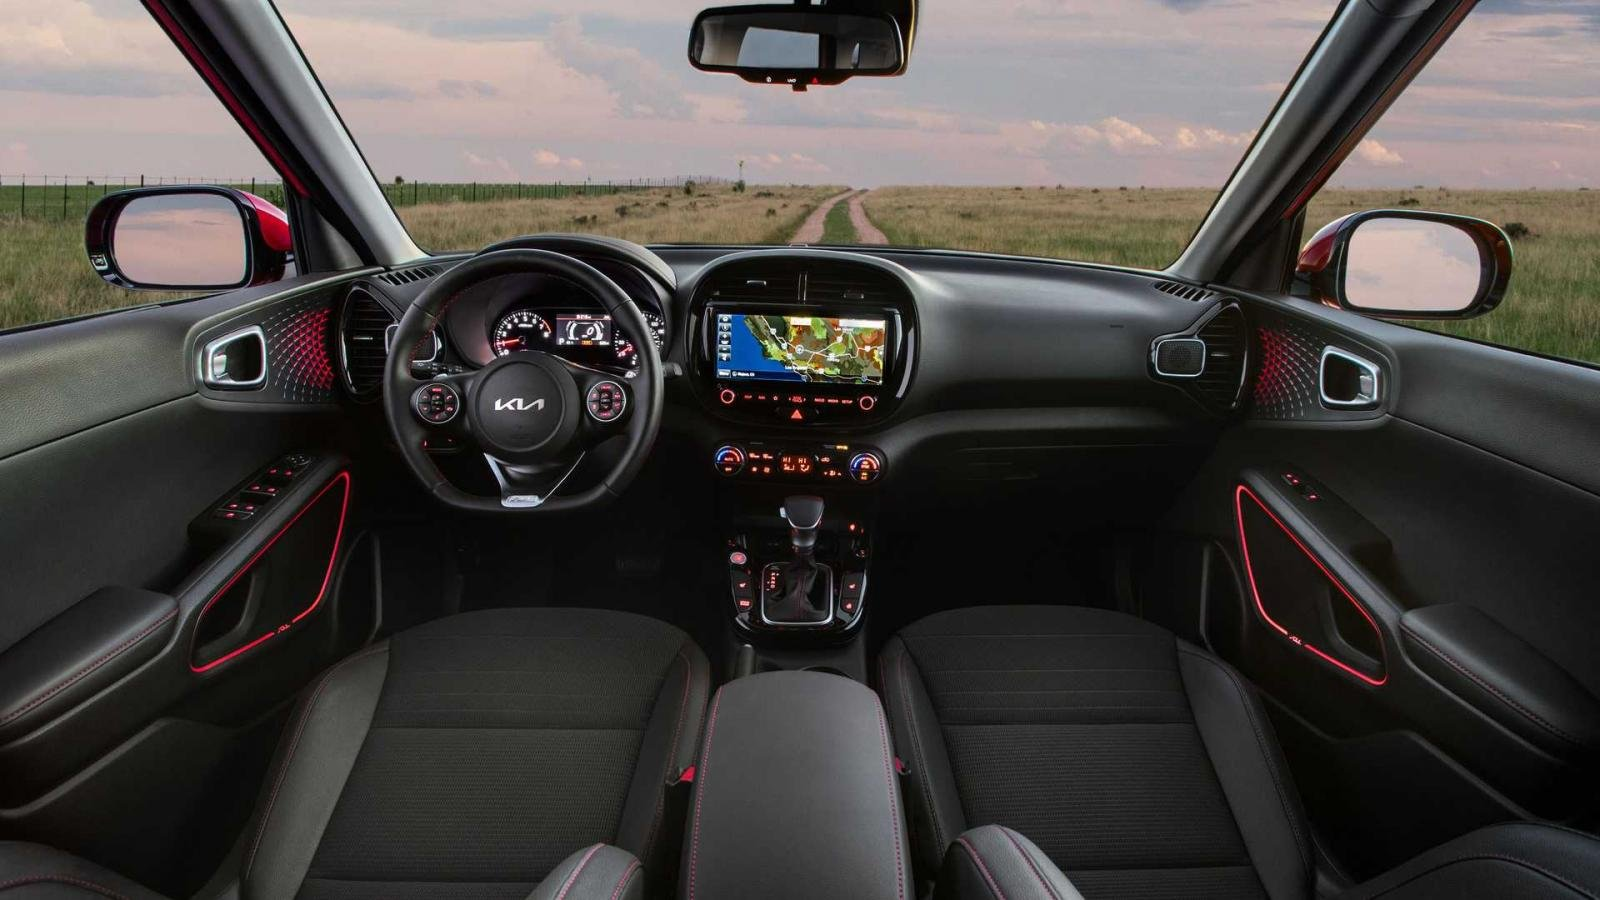 Kia Soul 2022 mới tích hợp thêm hàng loạt công nghệ hỗ trợ lái cùng tính năng an toàn hiện đại.